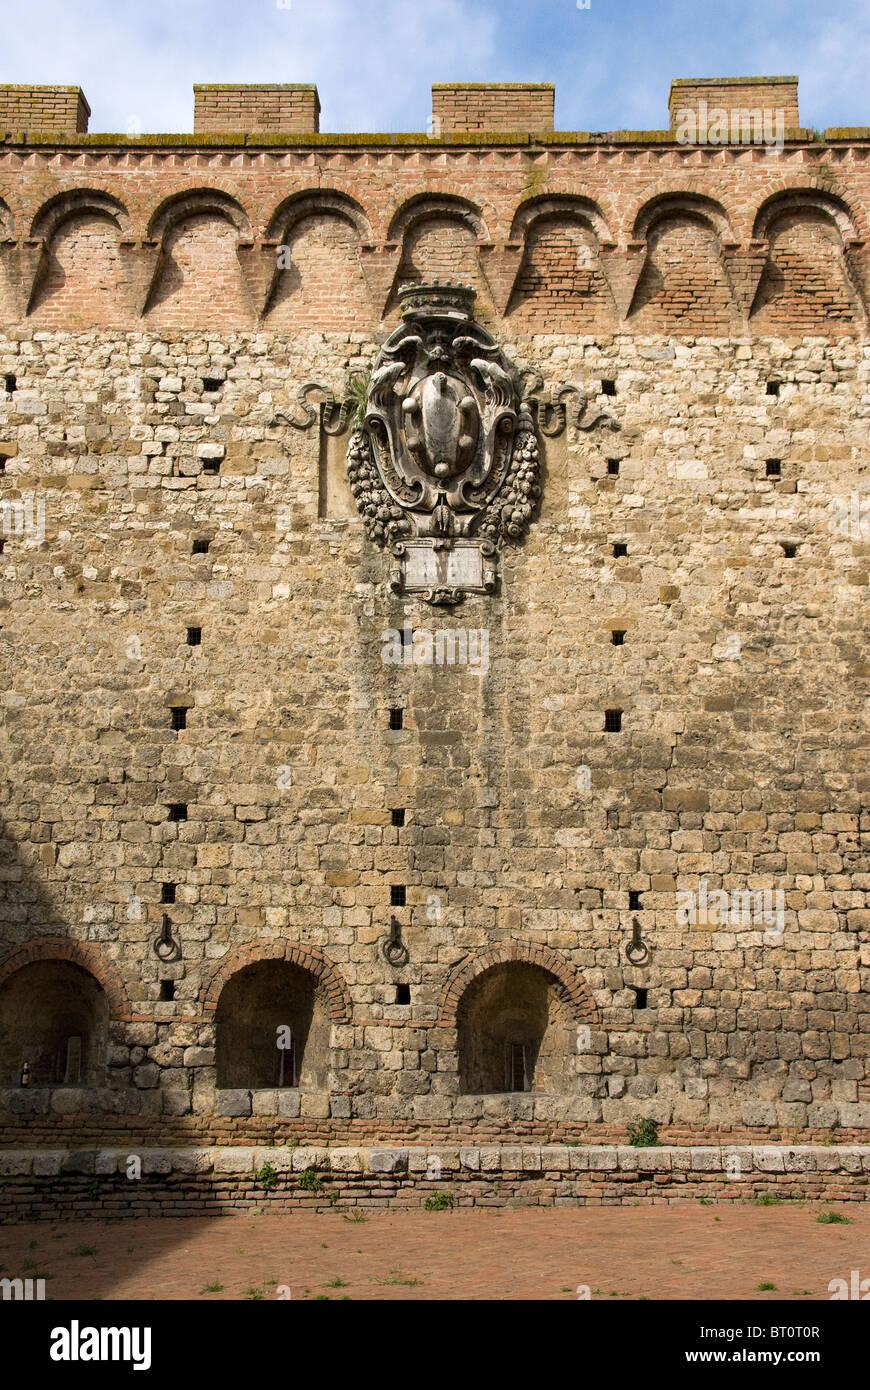 Medici Sheild in Porta Romana Siena - Stock Image